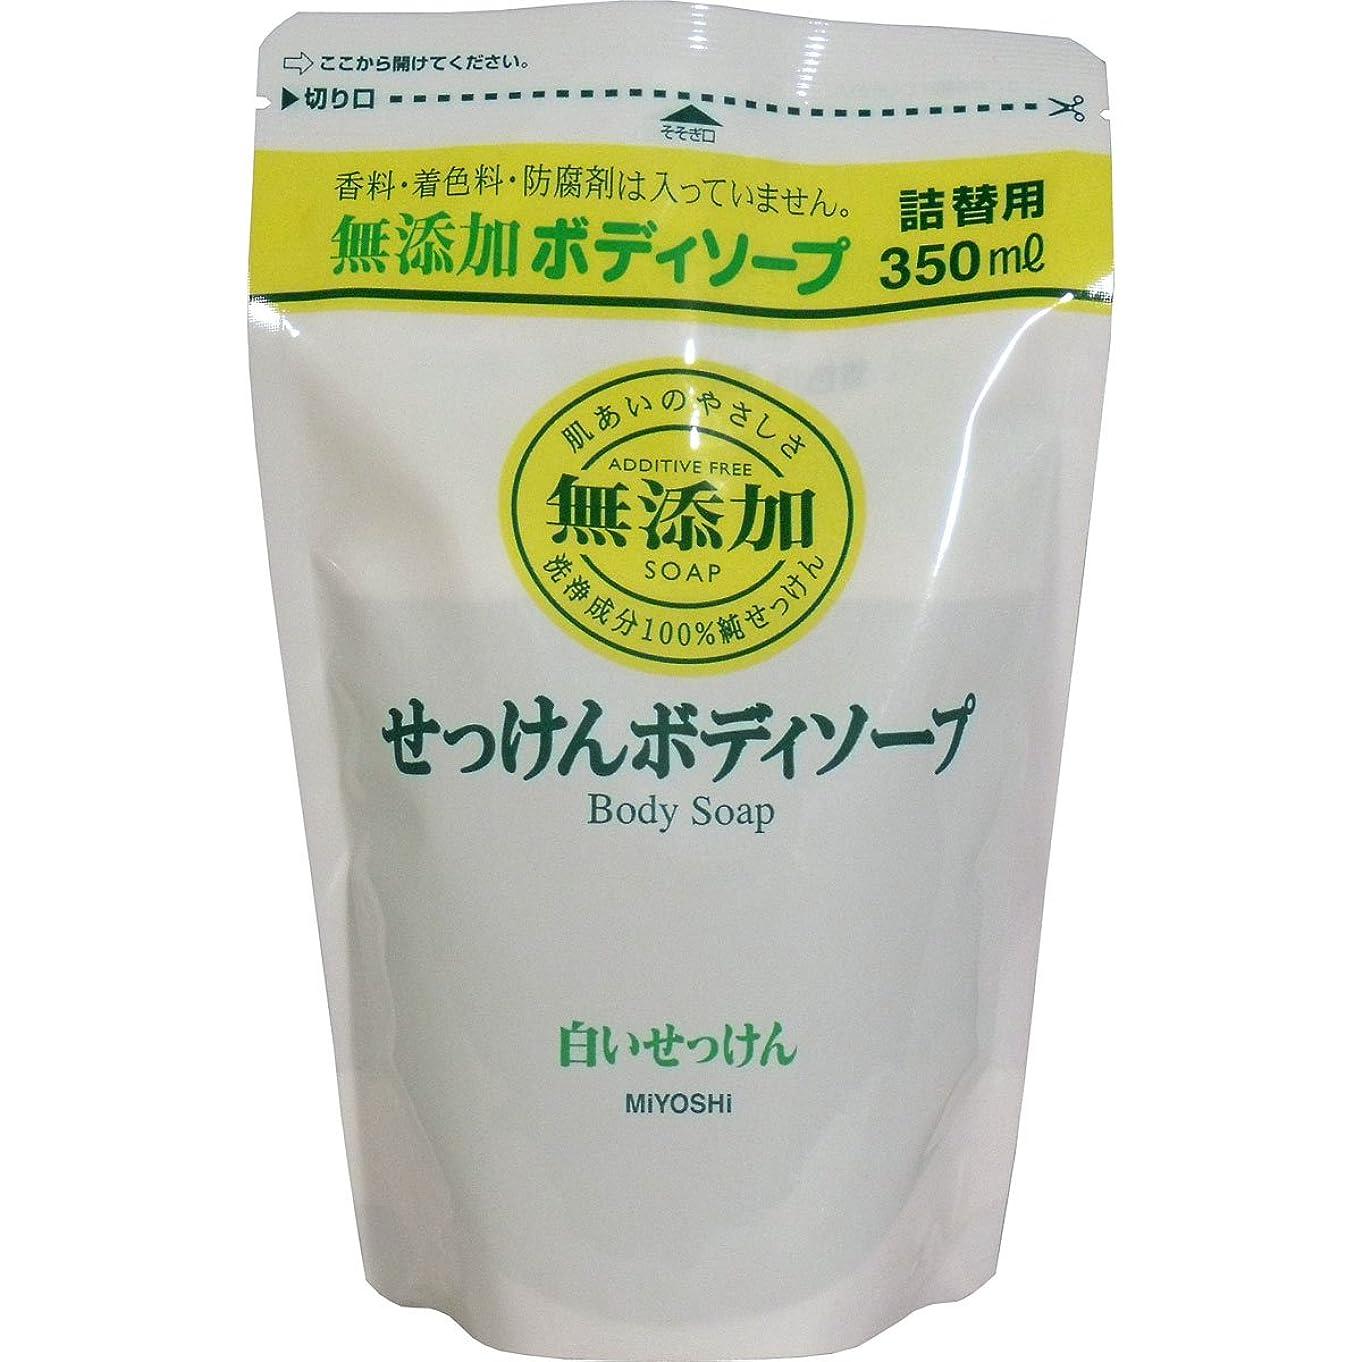 ナイトスポット強度激怒ミヨシ石鹸 無添加 ボディソープ 白い石けん つめかえ用 350ml×20個セット(無添加石鹸)